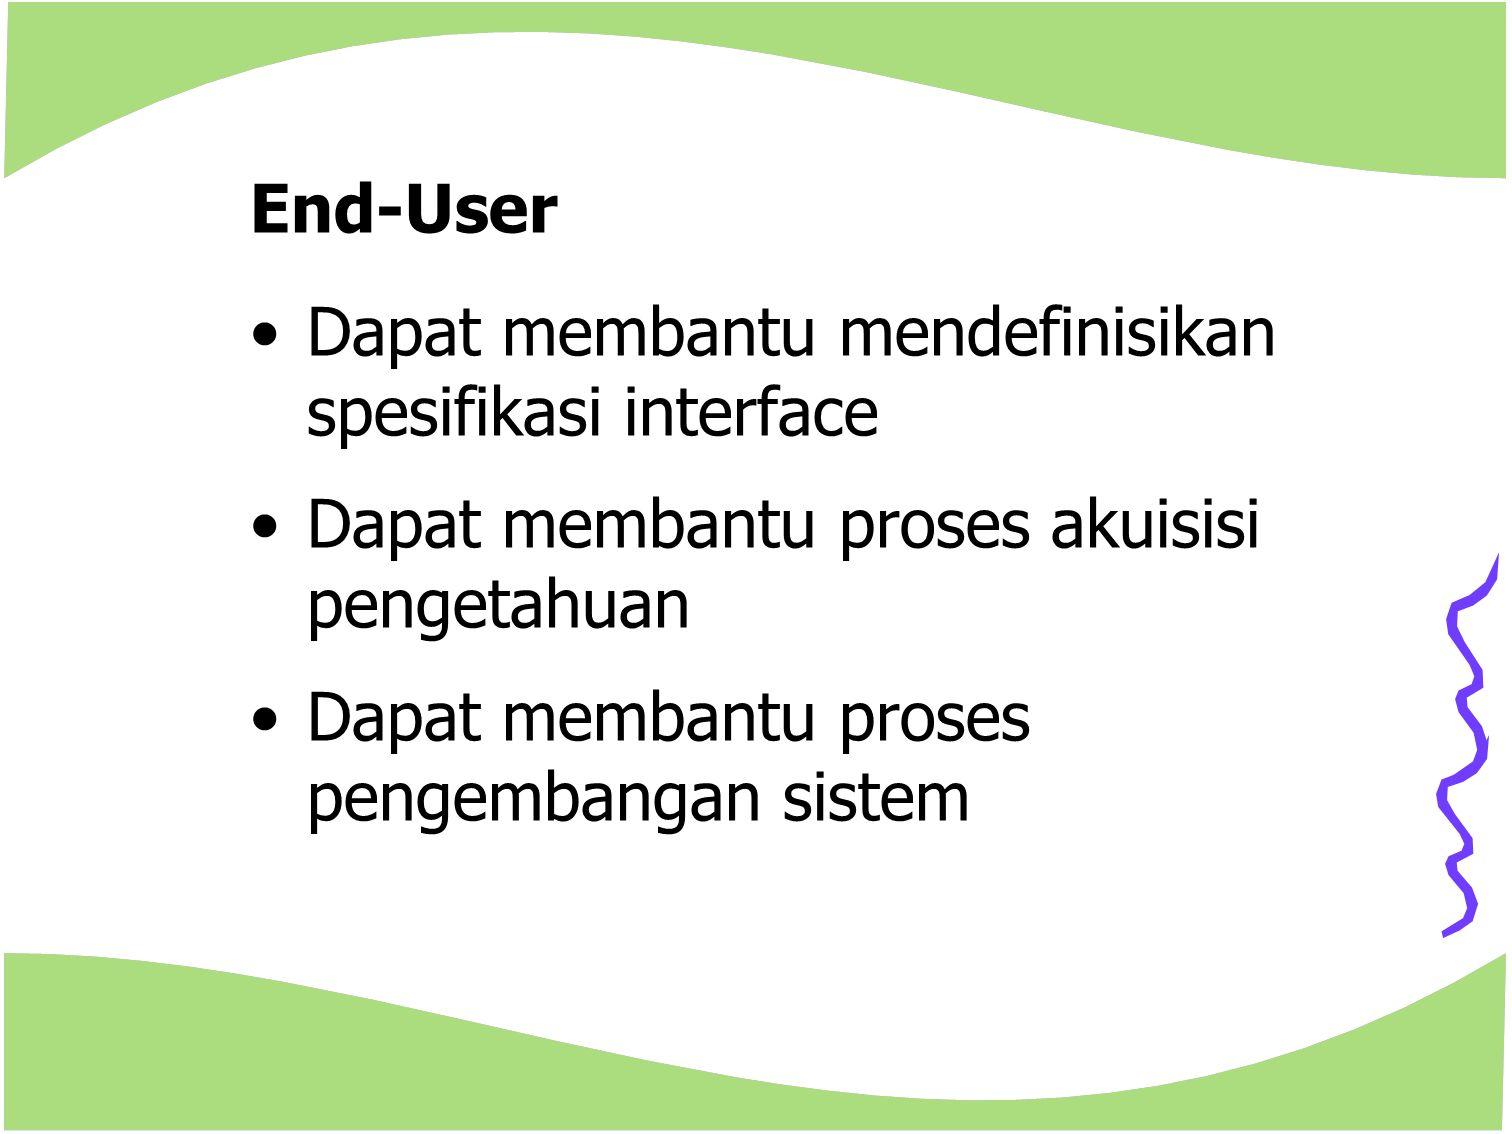 End-User Dapat membantu mendefinisikan spesifikasi interface Dapat membantu proses akuisisi pengetahuan Dapat membantu proses pengembangan sistem